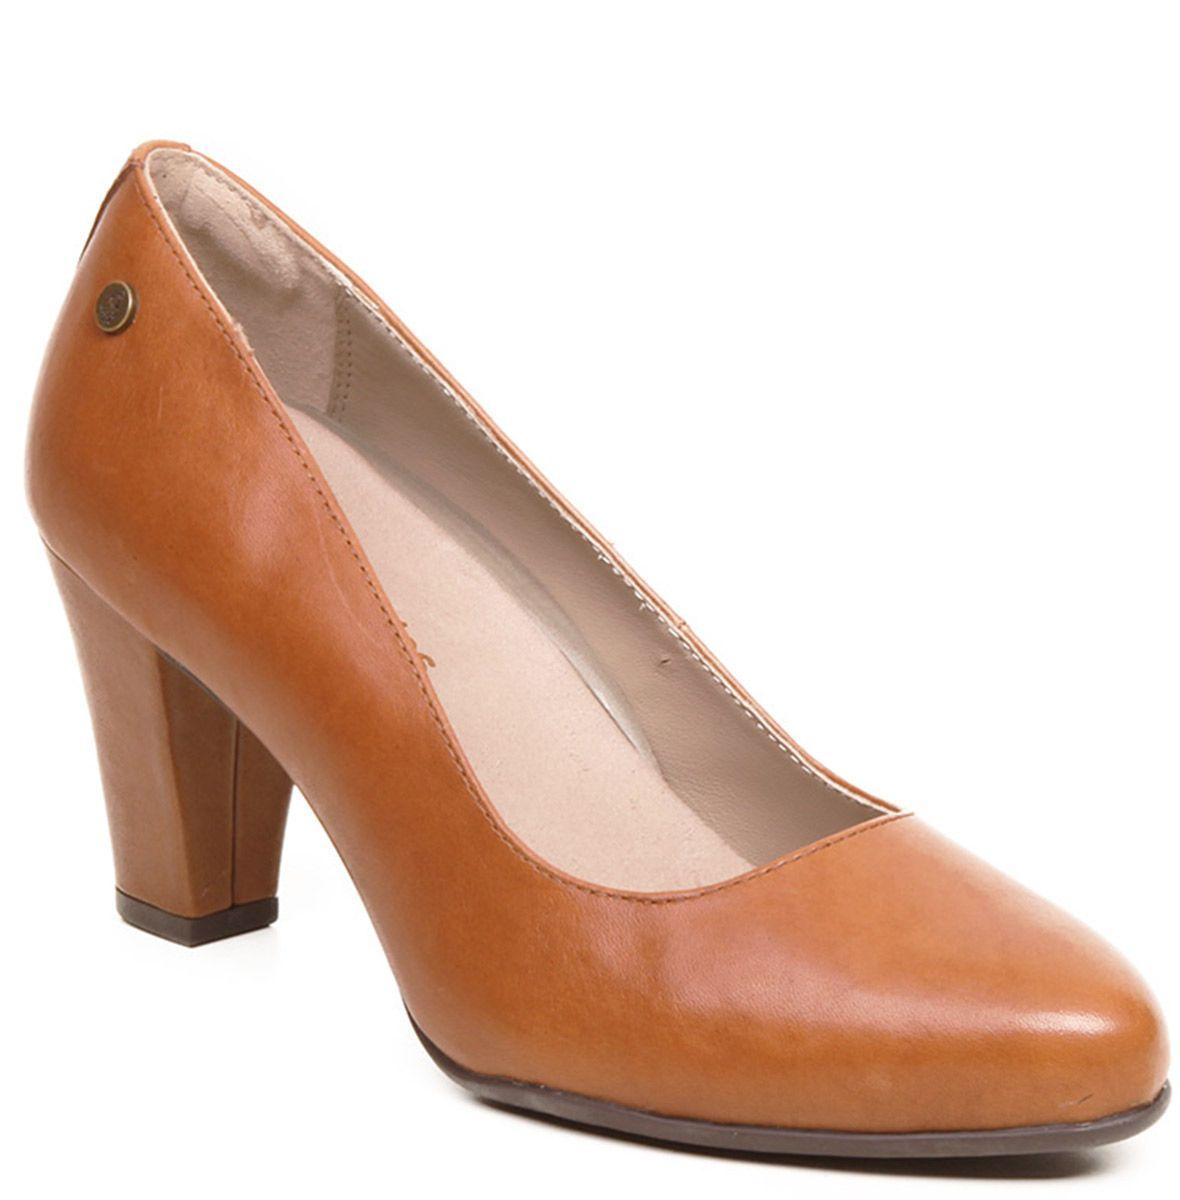 shoe shops menlyn